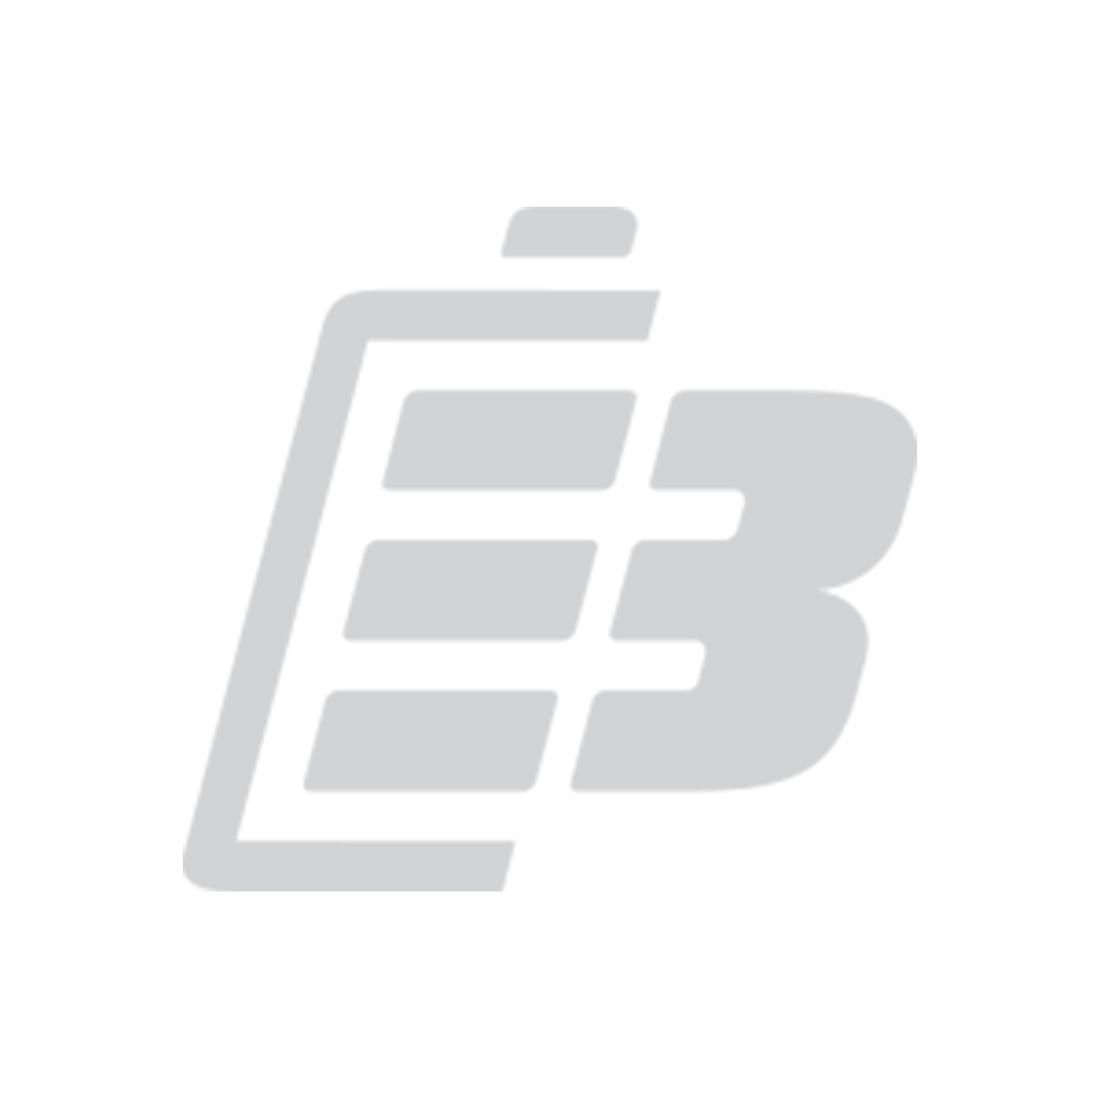 Wireless headset battery Sennheiser RS4200_1